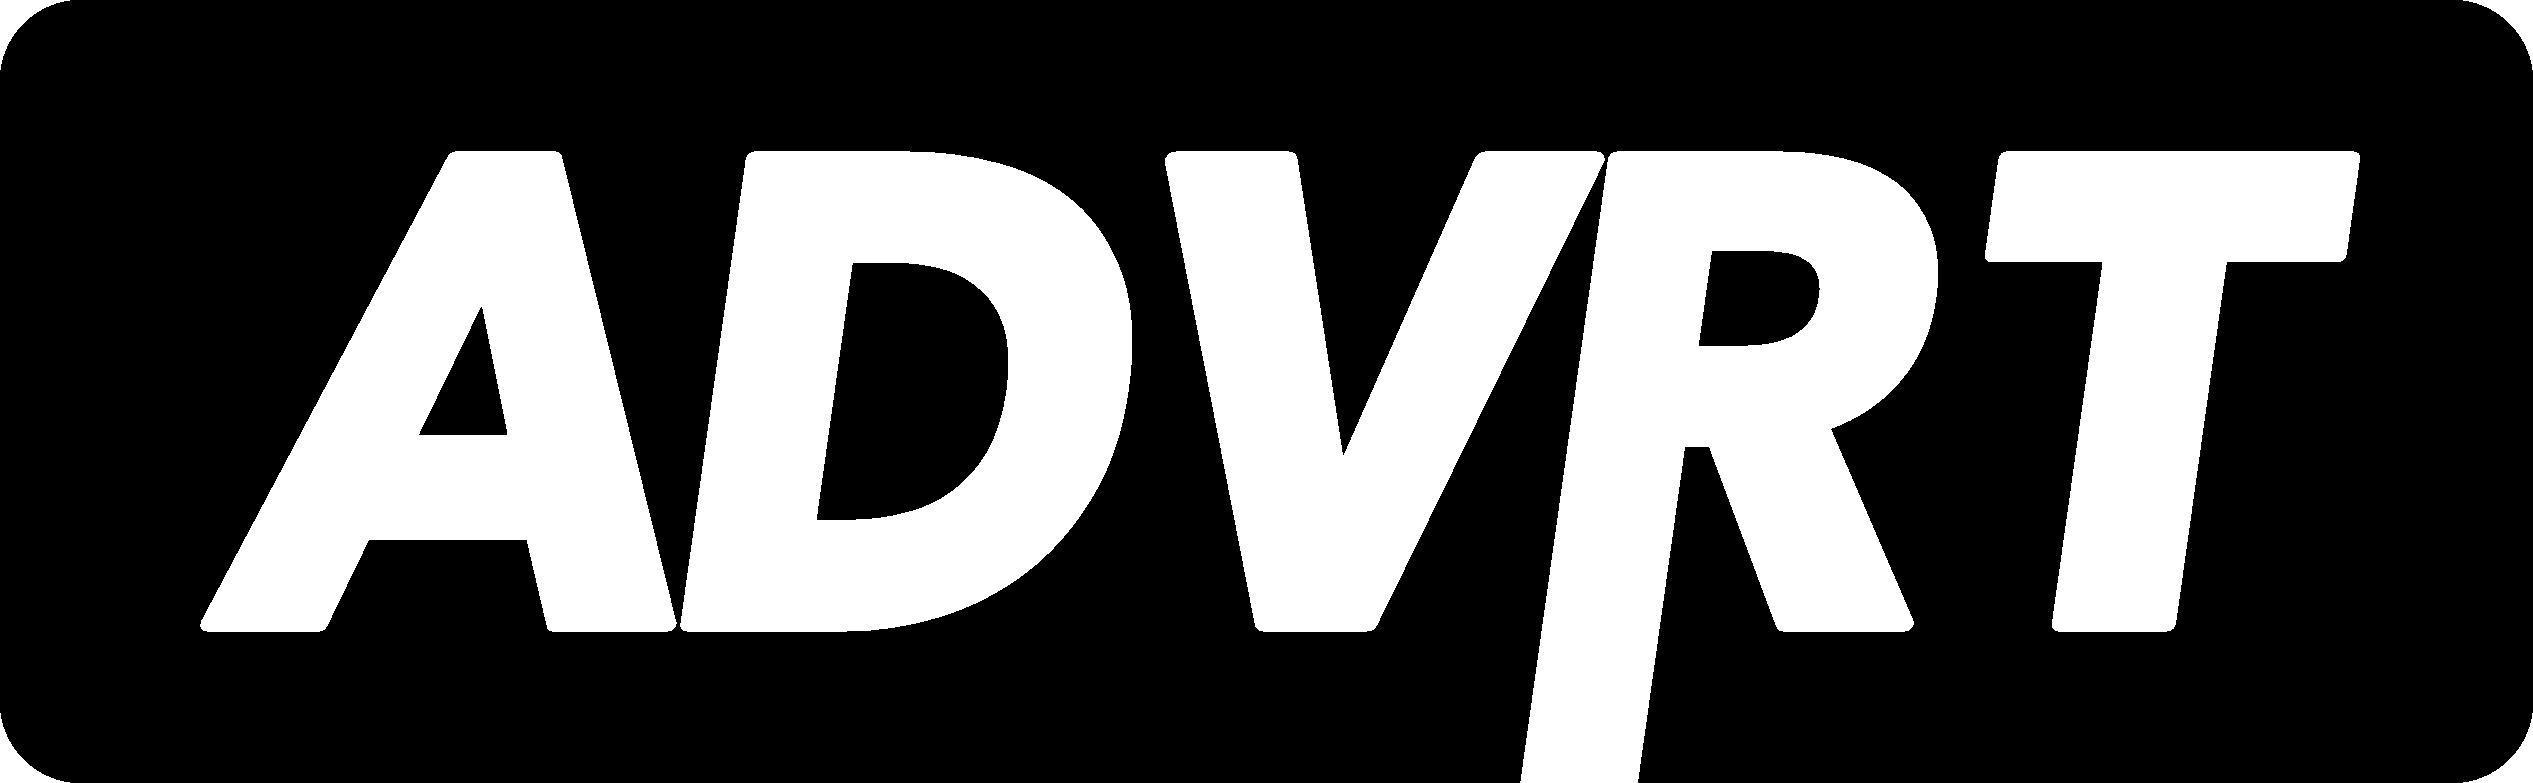 ADVRT logo